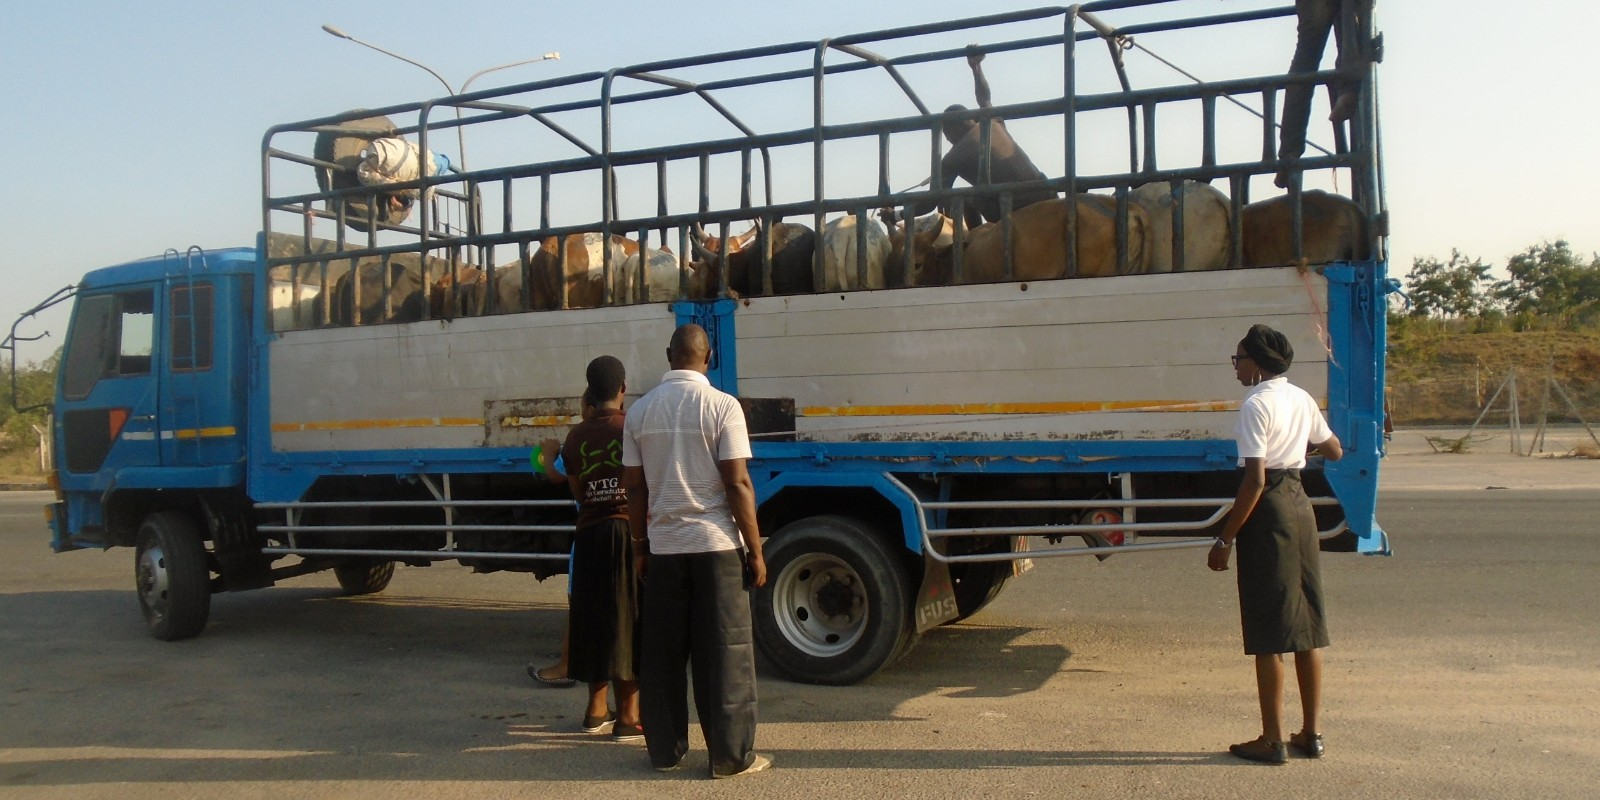 Tiermärkte in Tansania: Das Team inspiziert einen mit Rindern beladenen LKW, der zu einem der Tiermärkte unterwegs ist